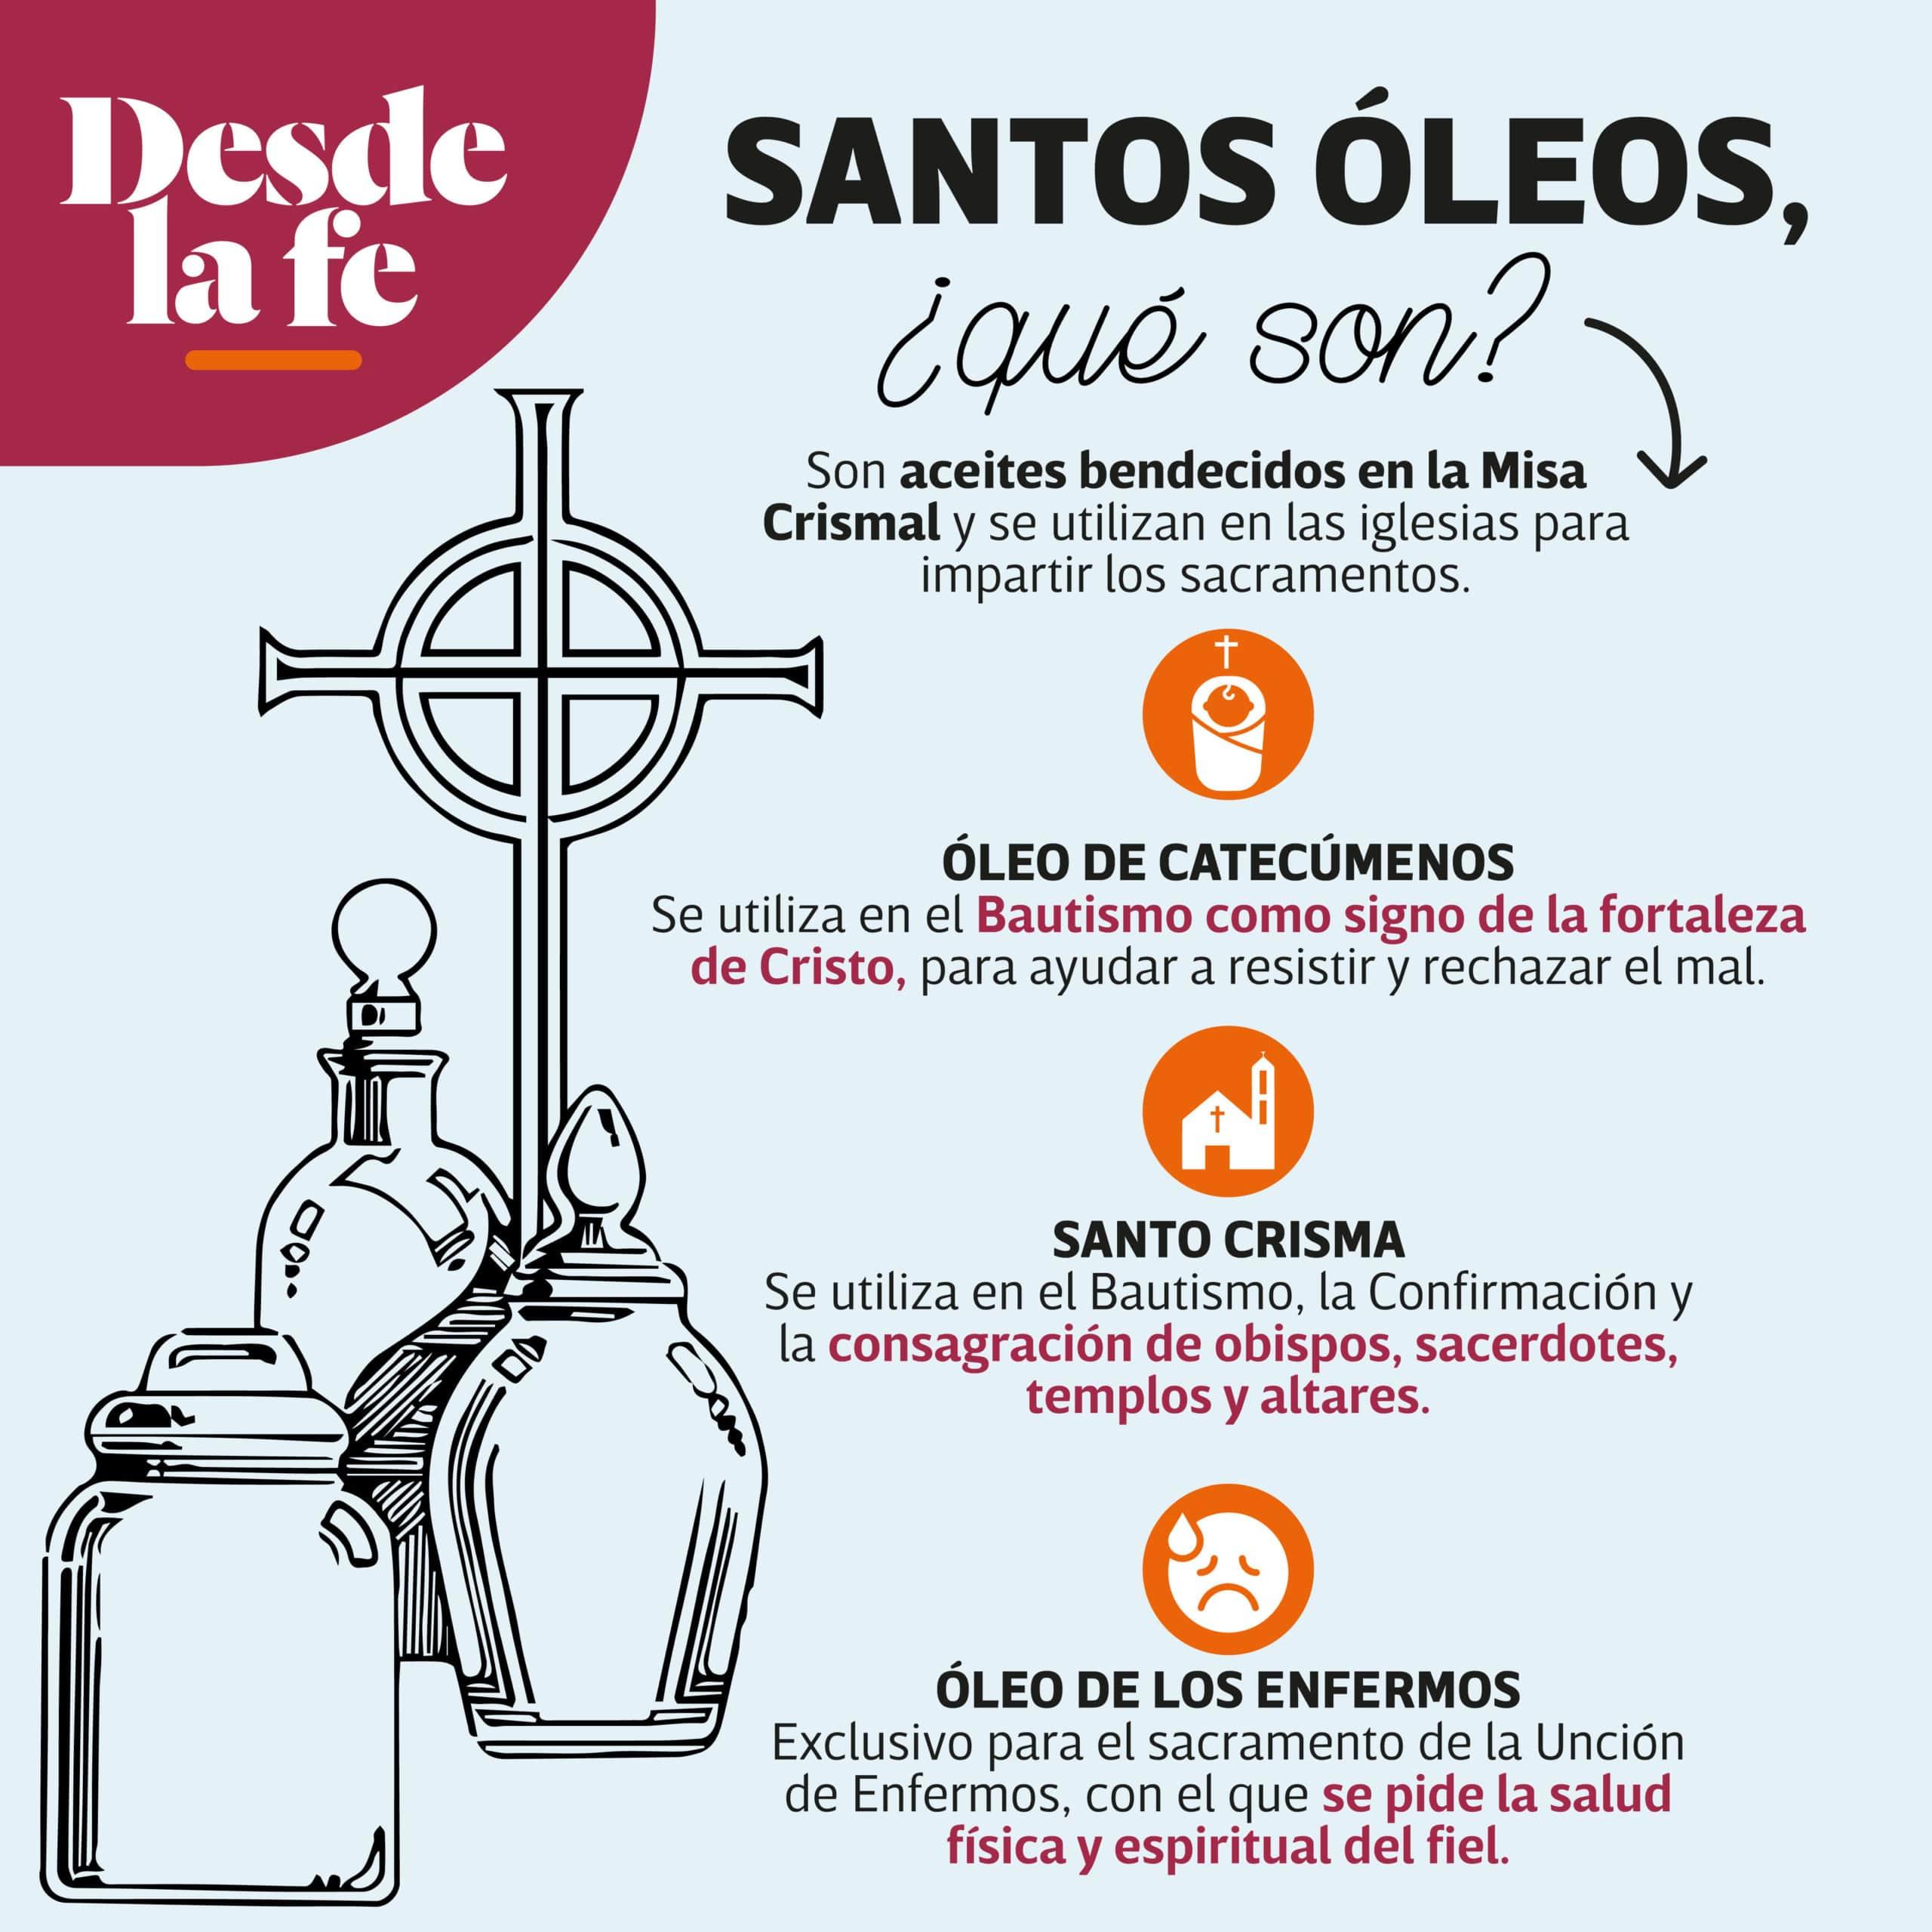 Los santos óleos se bendicen en Jueves Santo.